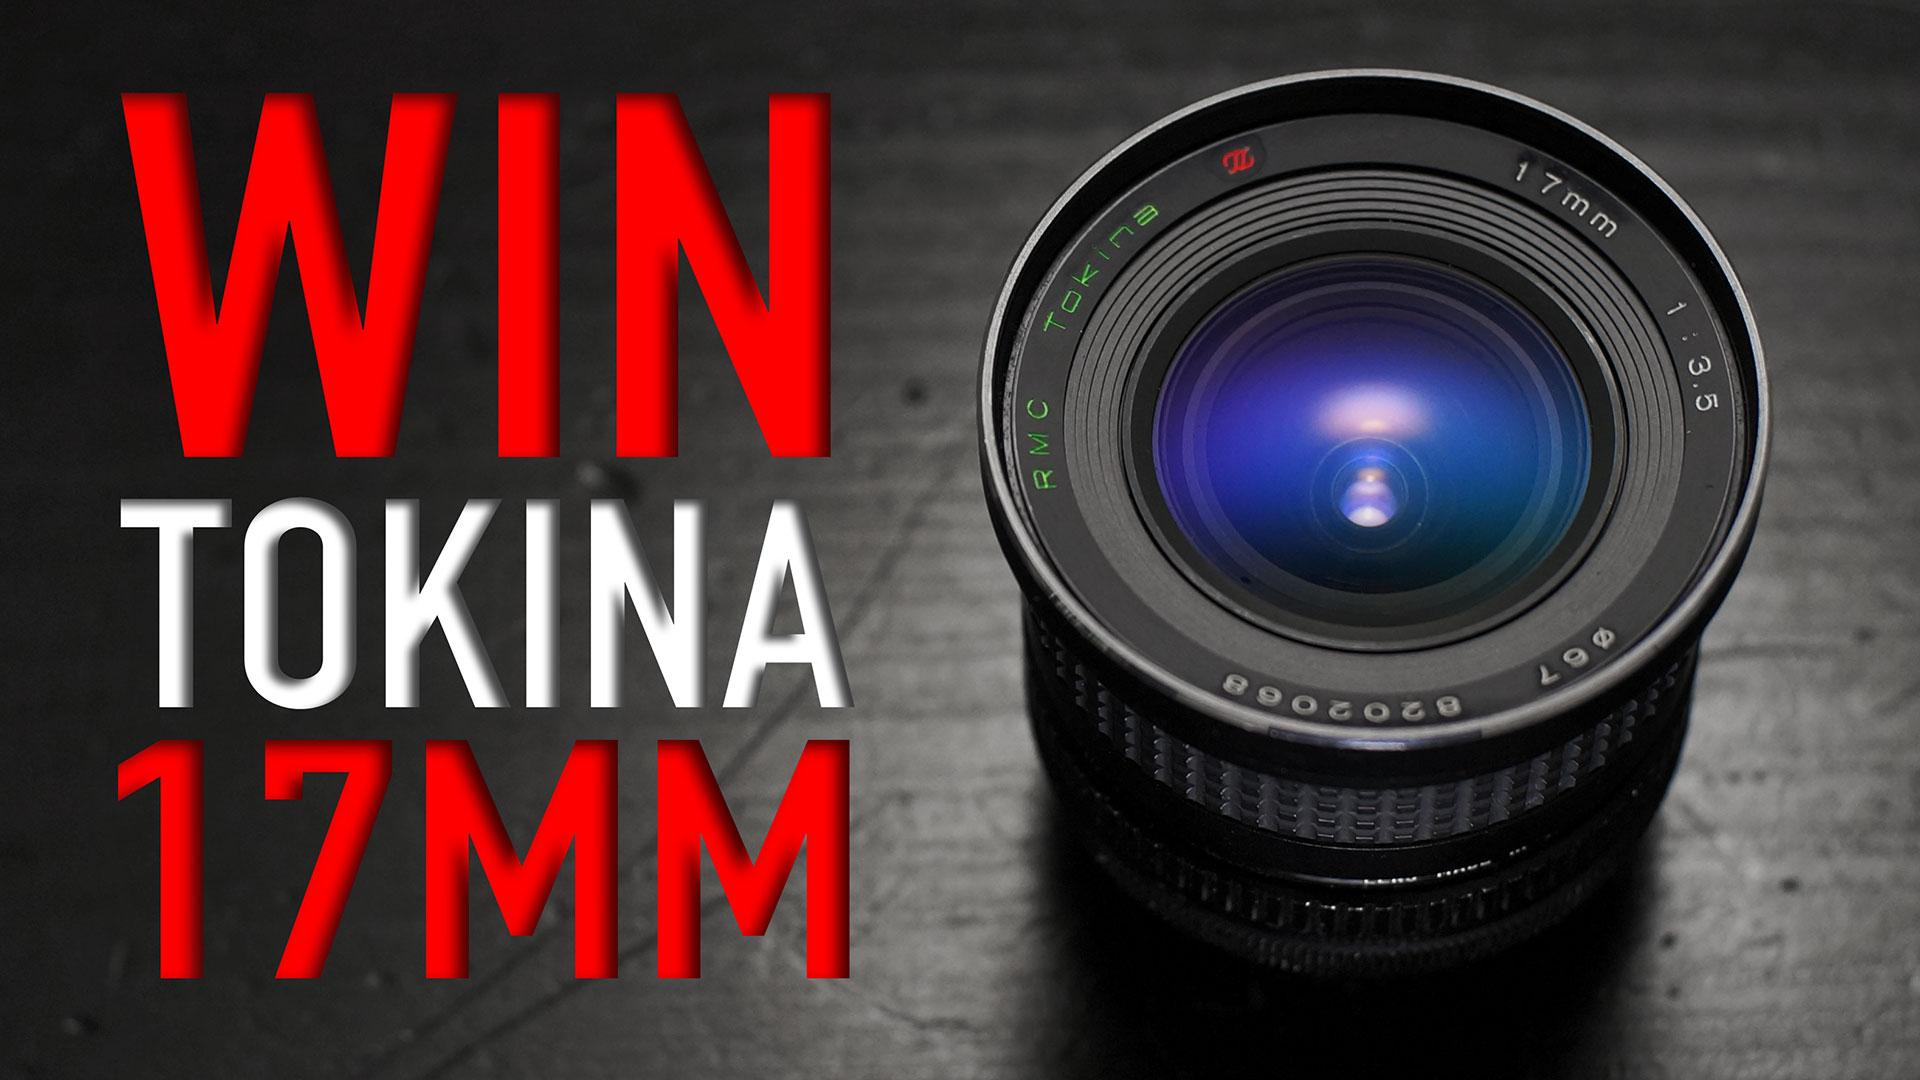 WIN Tokina RMC 17mm F3.5 | Winner Announced